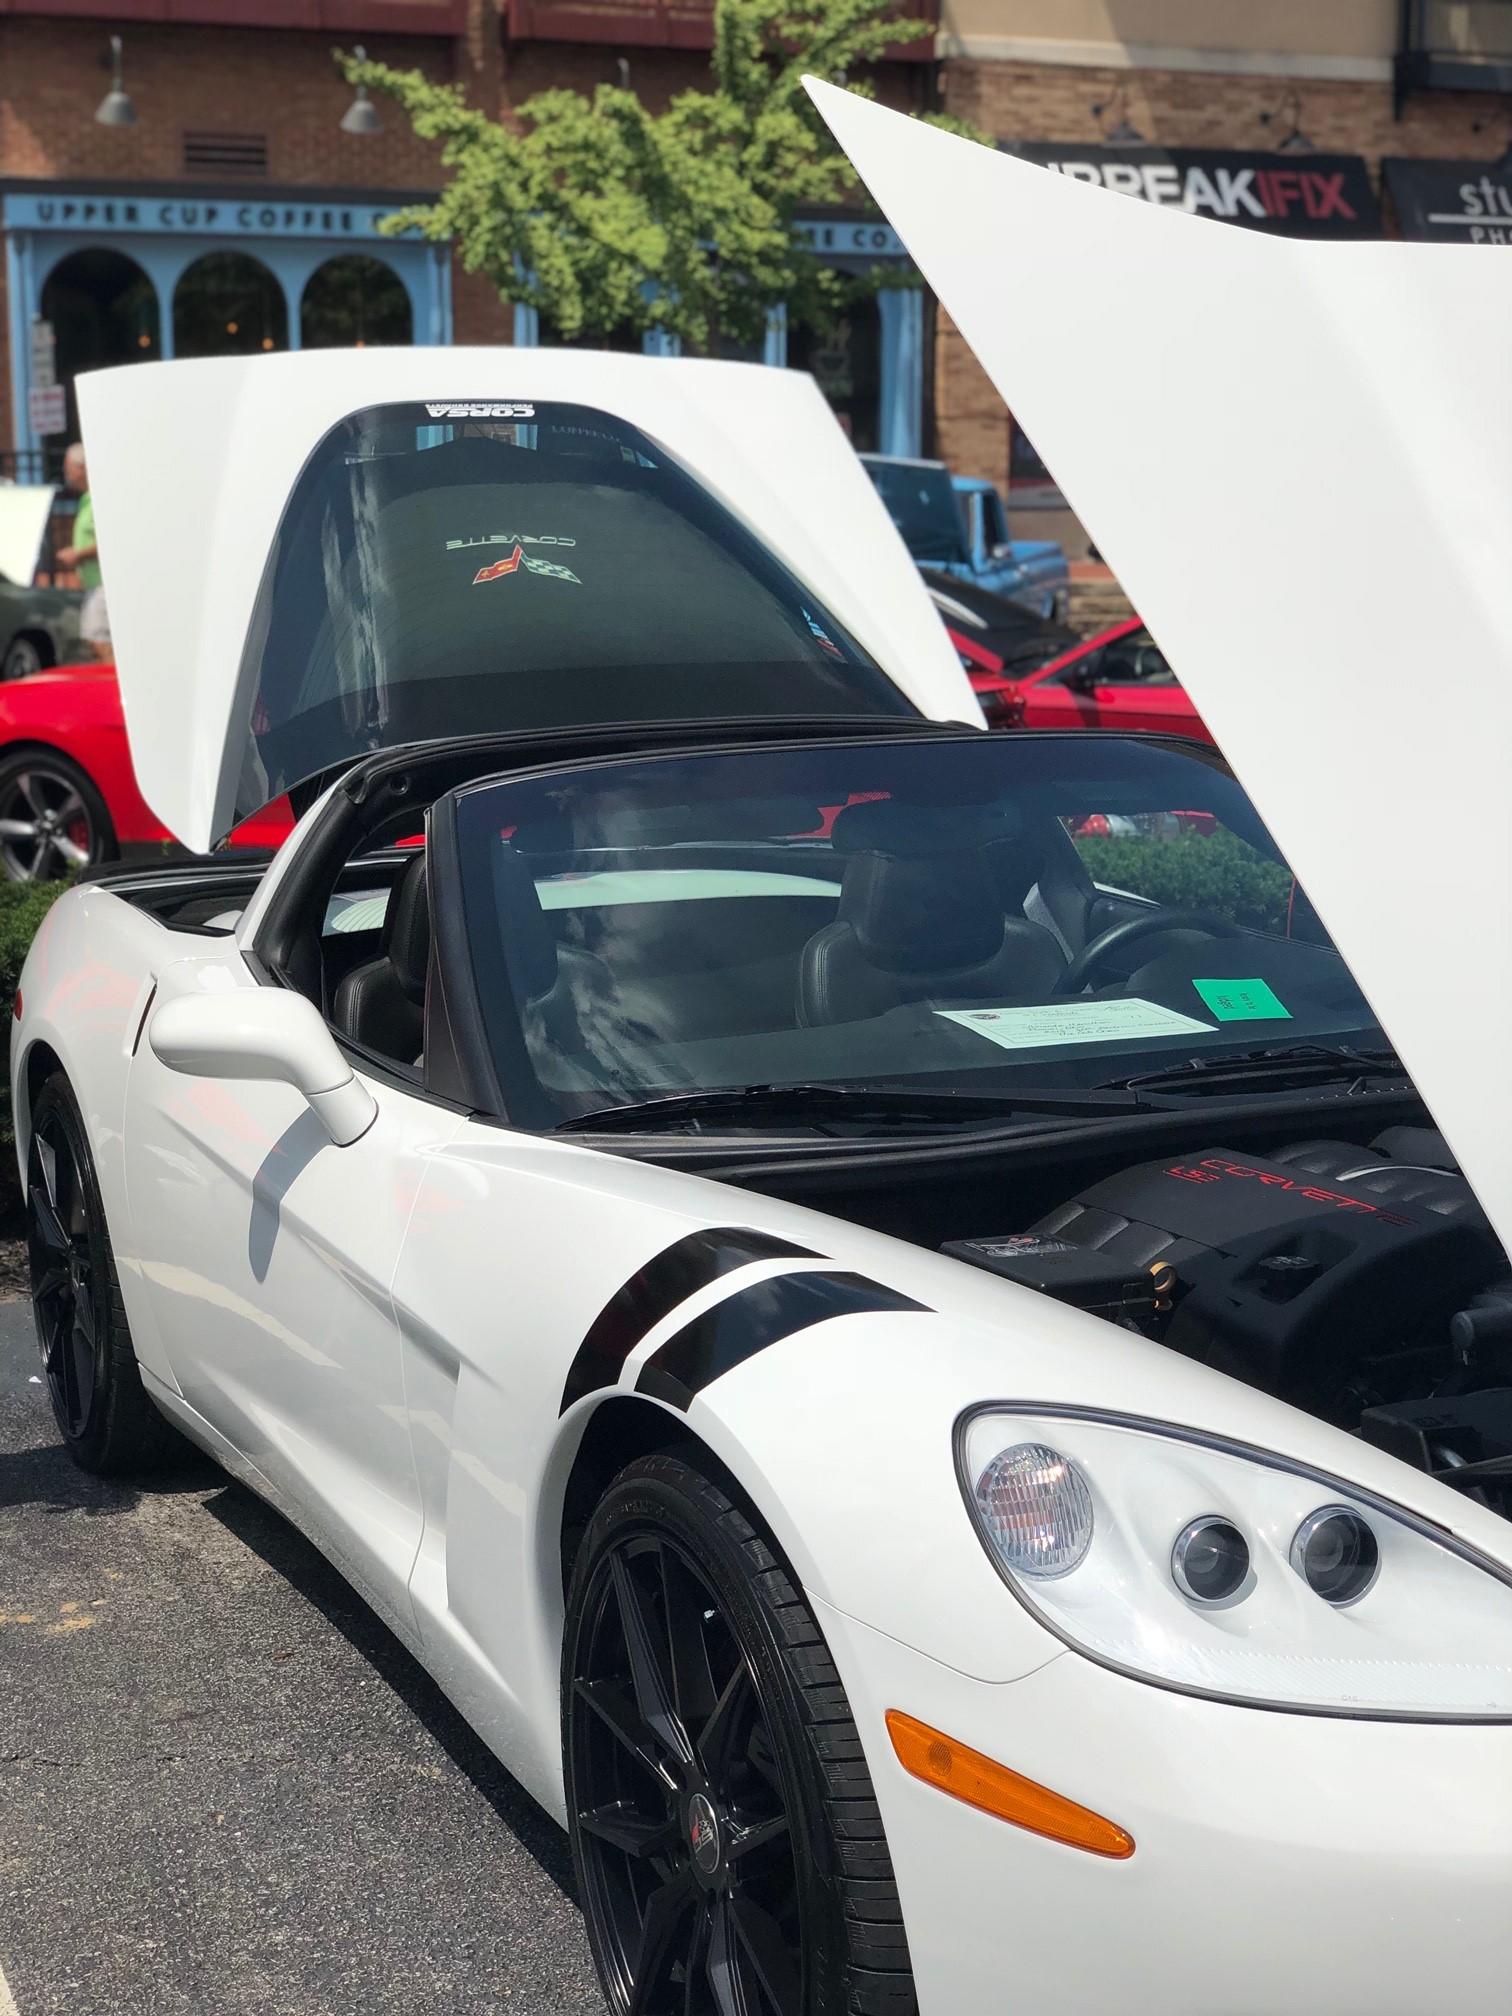 Amanda and John Hamilton's car